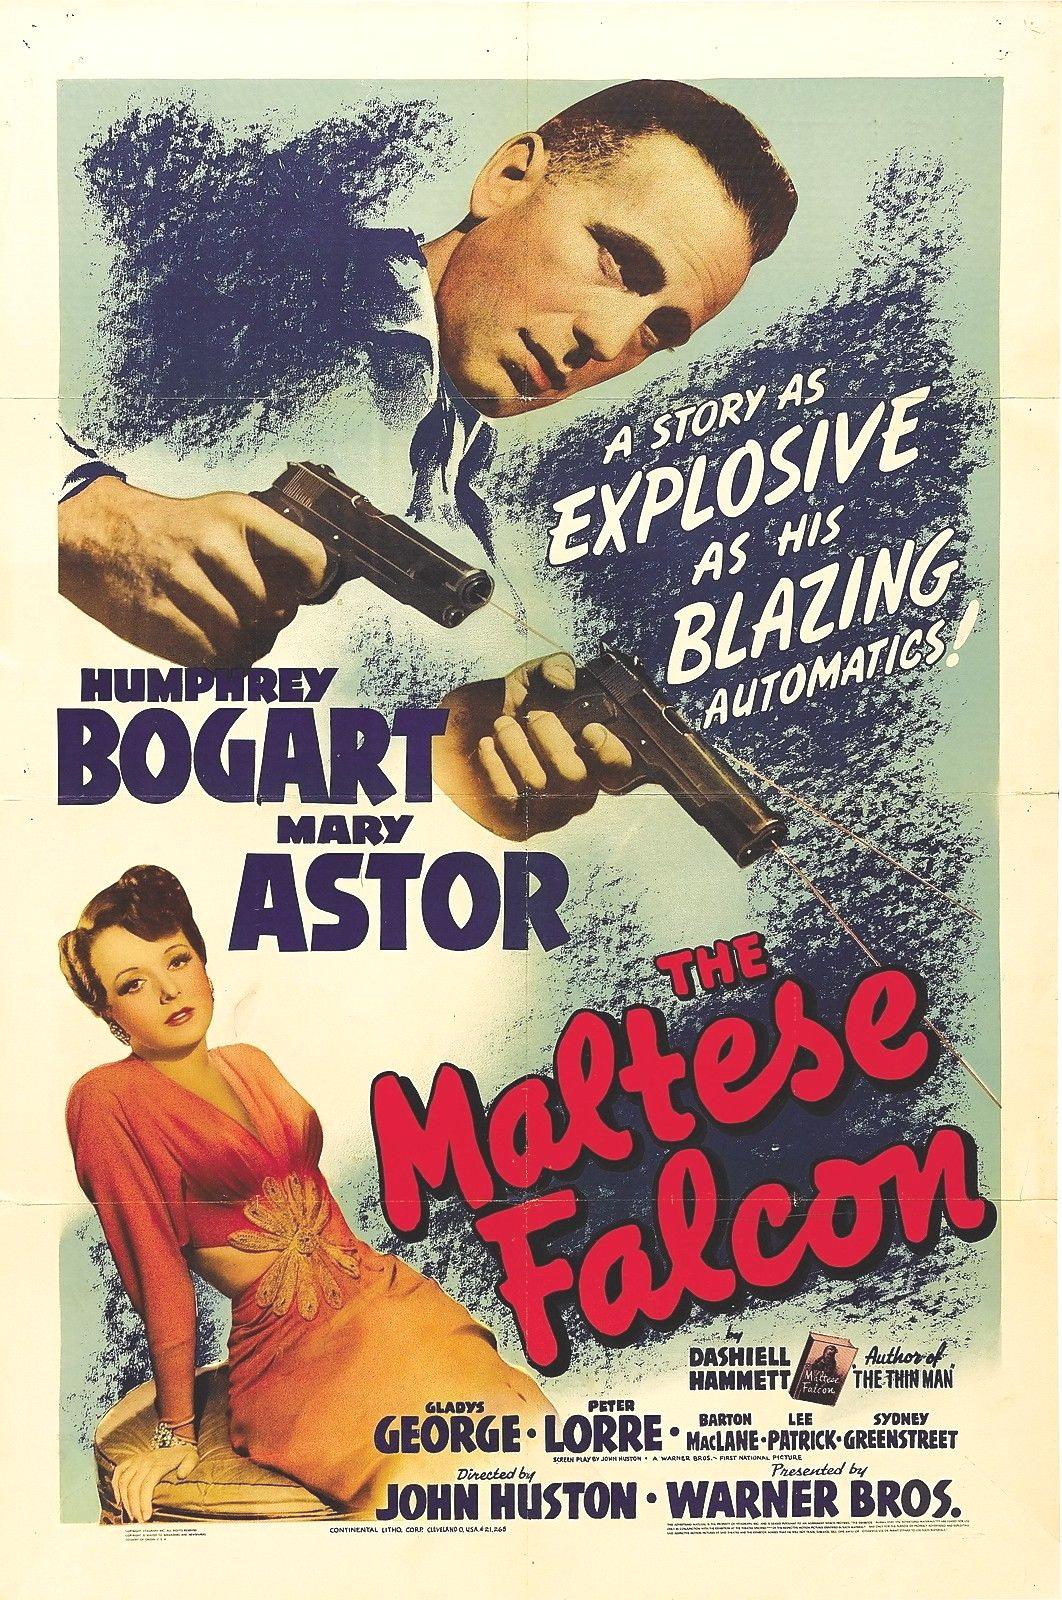 The maltese falcon poster 24x36 guns astor